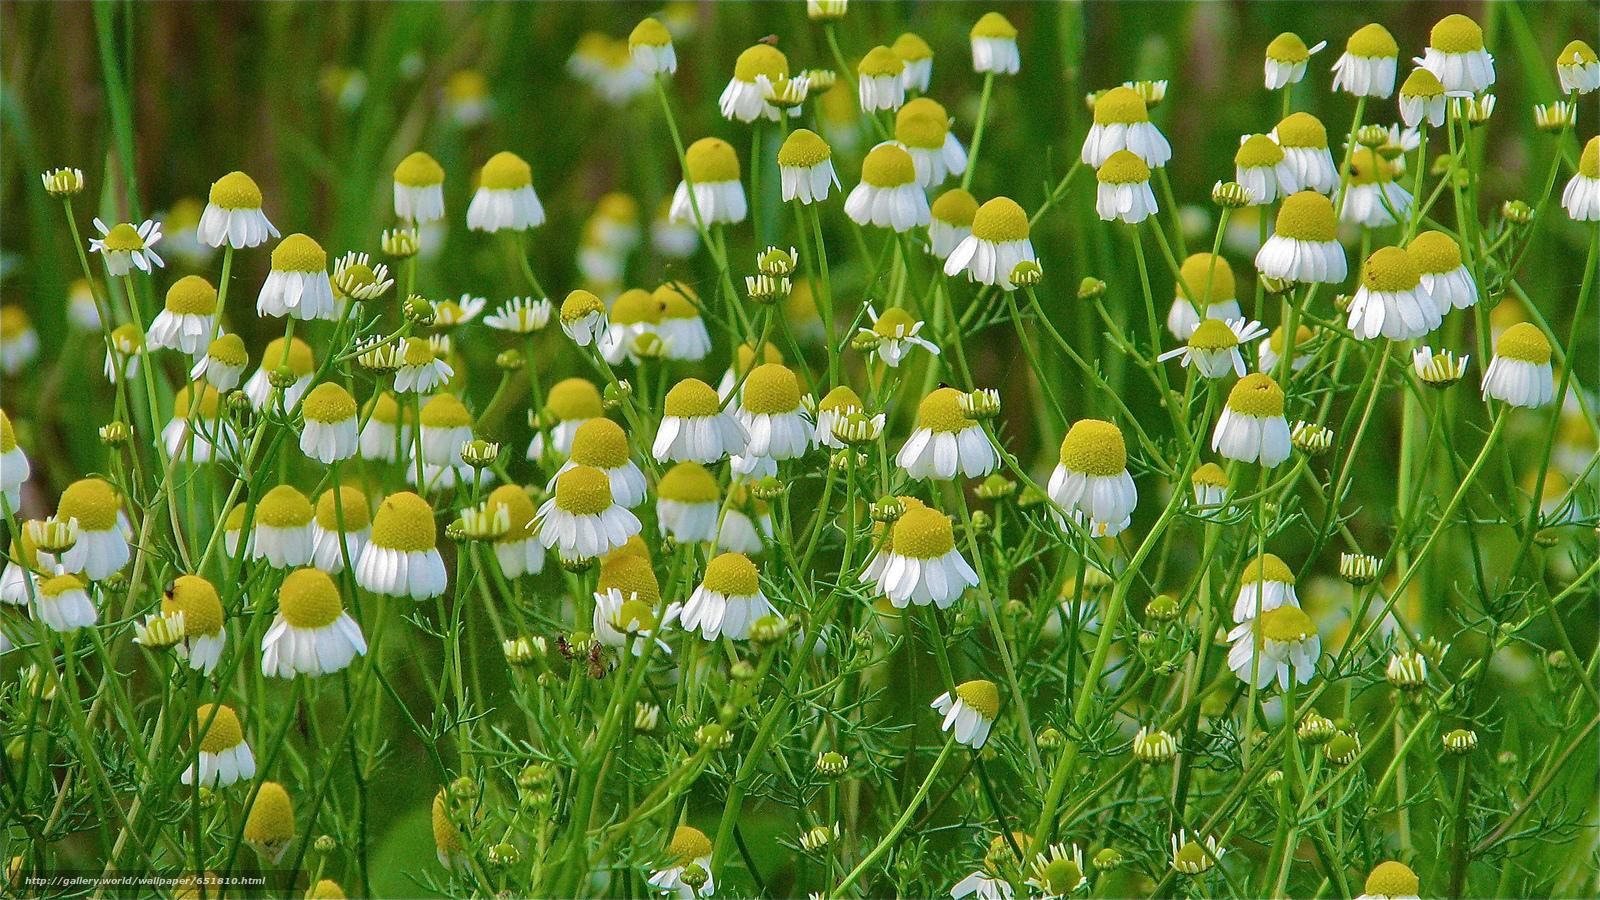 Скачать обои поле,  ромашки,  цветы,  флора бесплатно для рабочего стола в разрешении 2048x1152 — картинка №651810